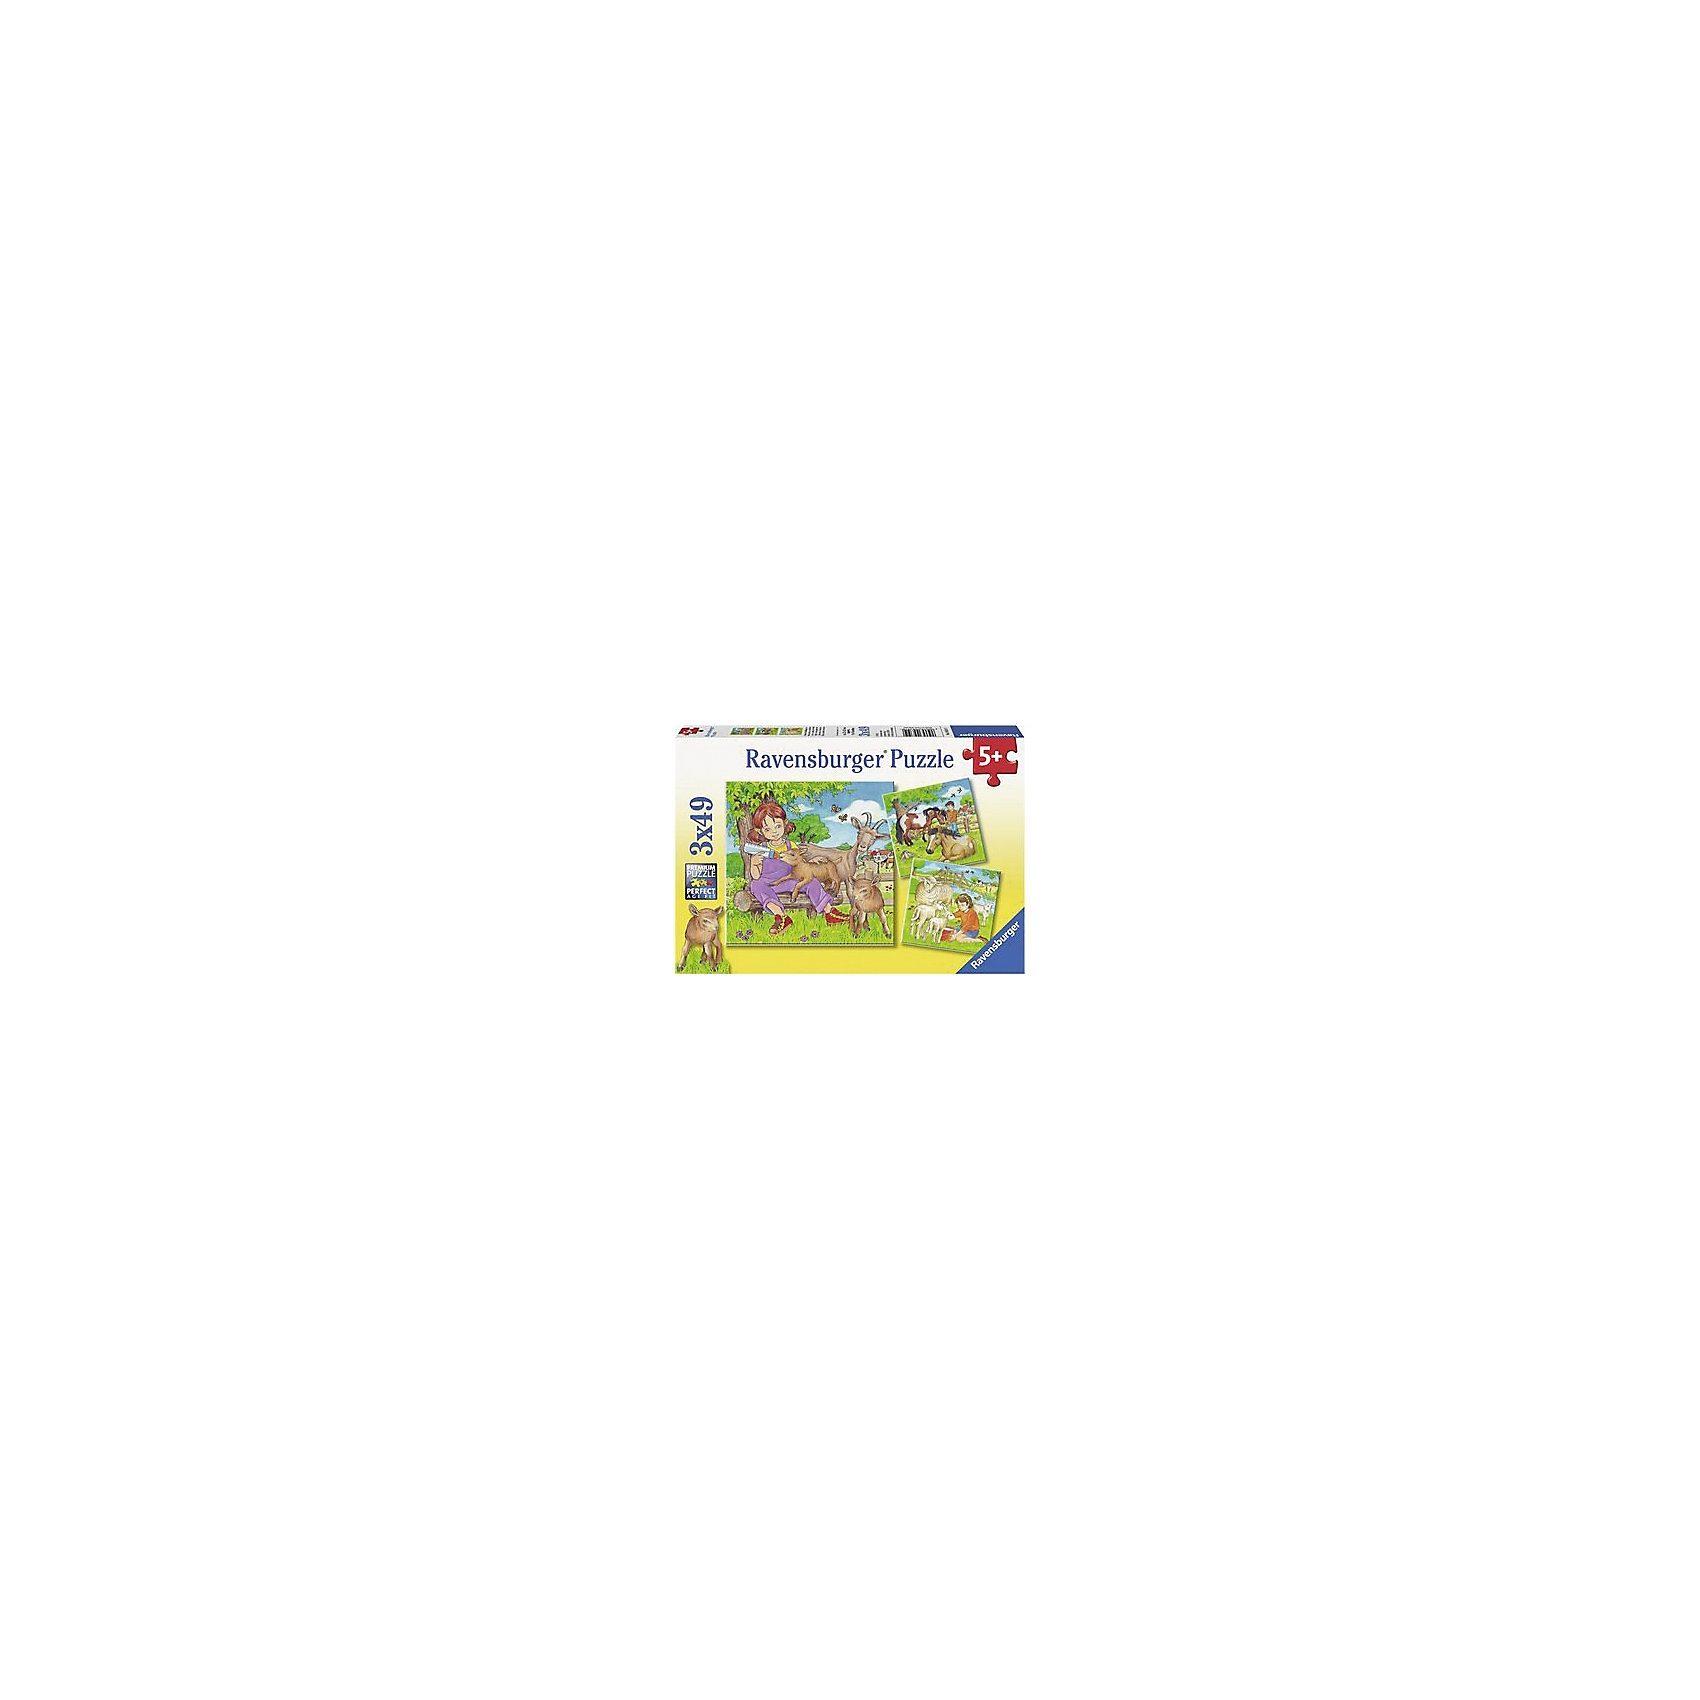 Ravensburger Puzzleset 3 x 49 Teile - Meine Lieblingstiere